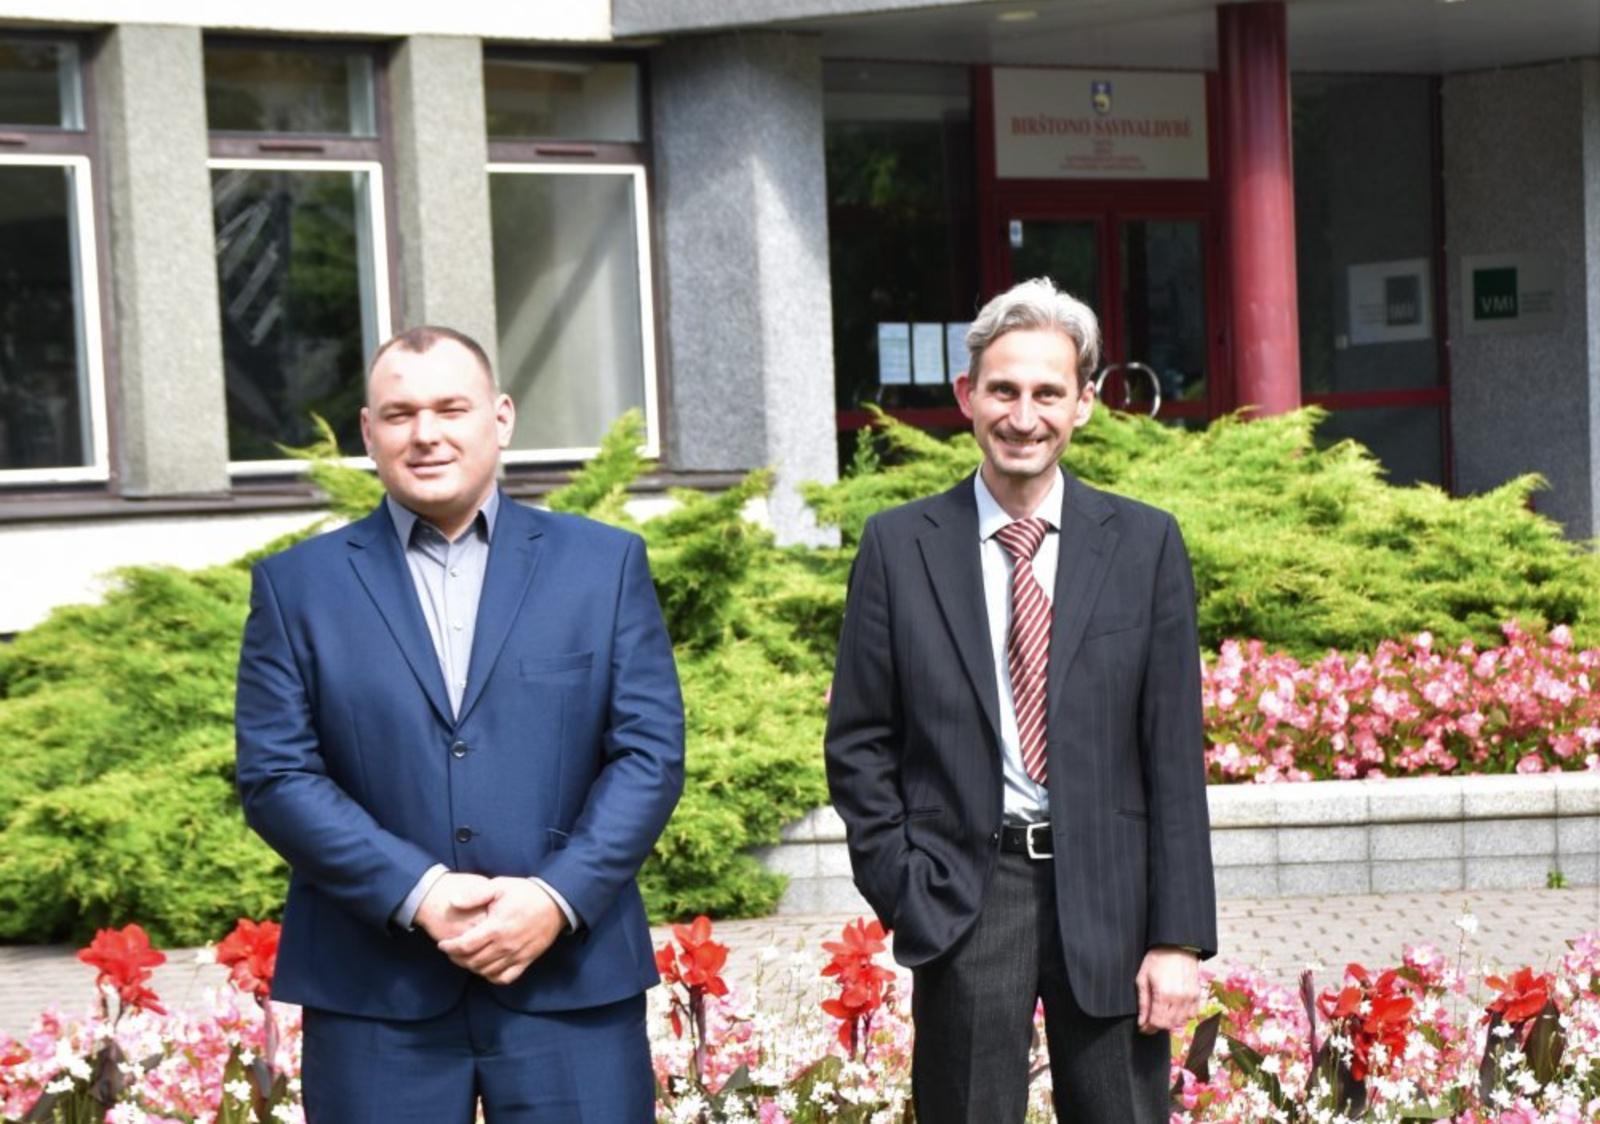 Birštono savivaldybės administracijos komandą papildė du nauji valstybės tarnautojai